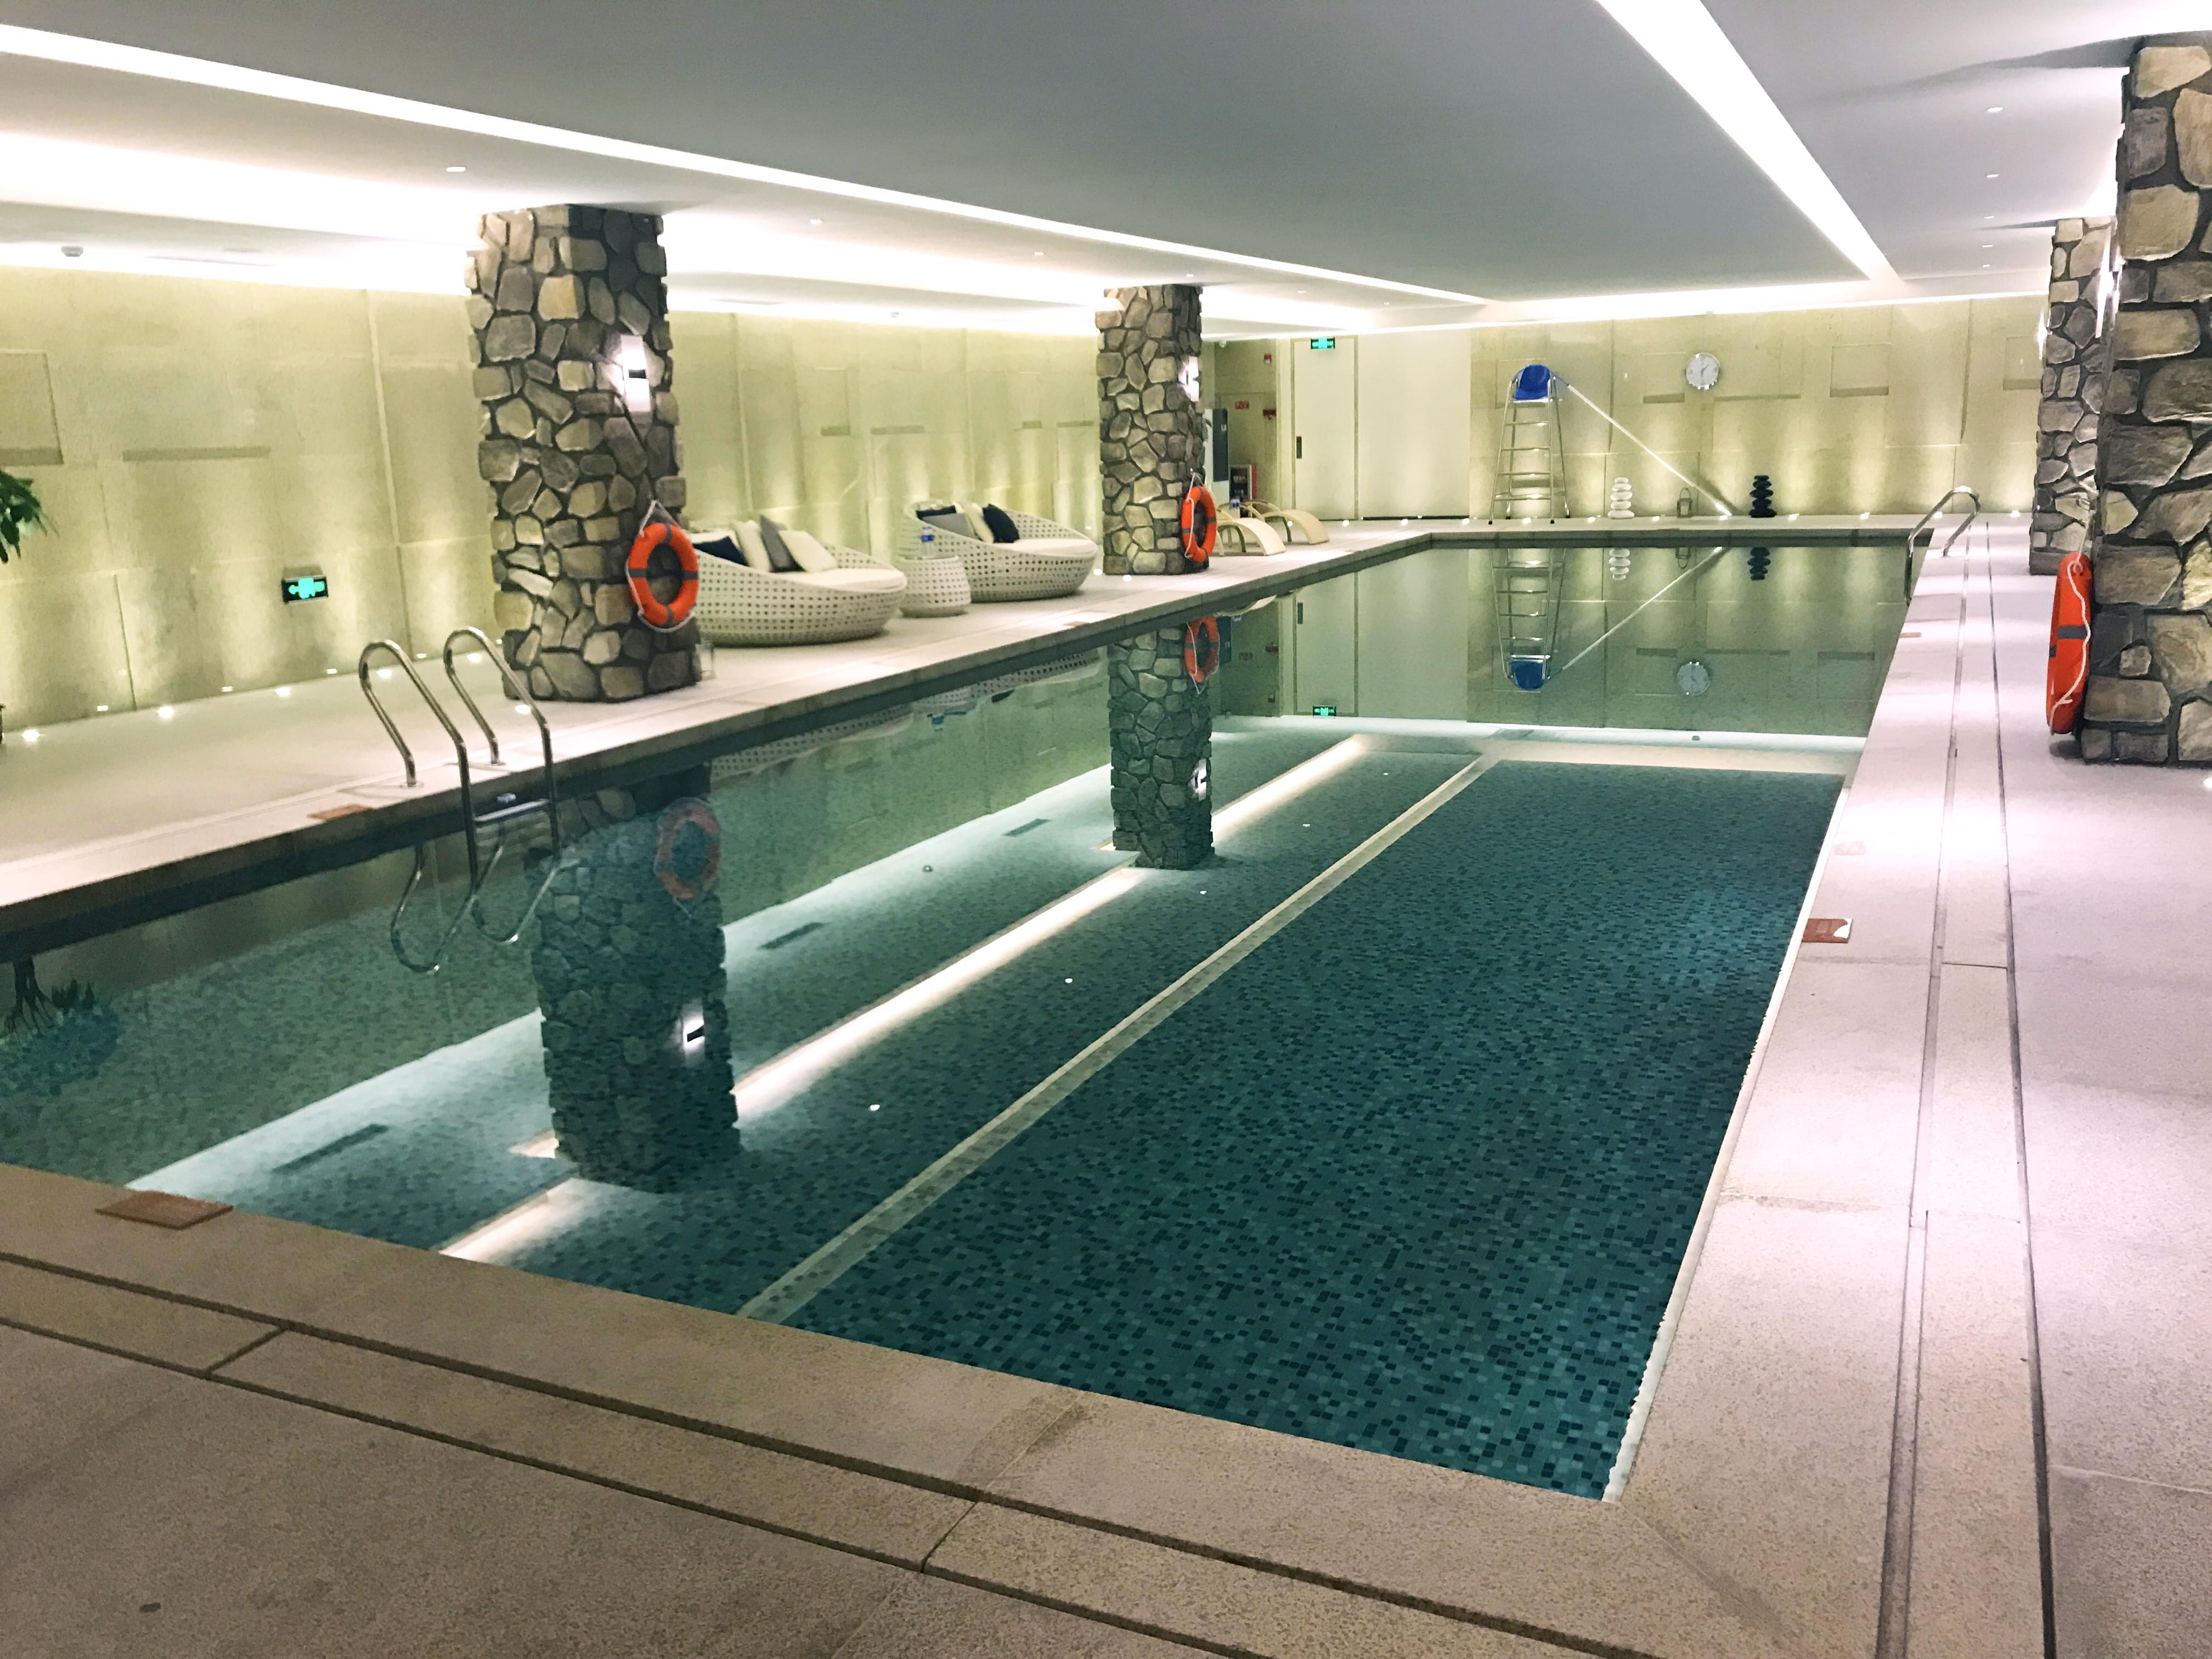 广州穗和瑞斯丽酒店恒温泳池工程